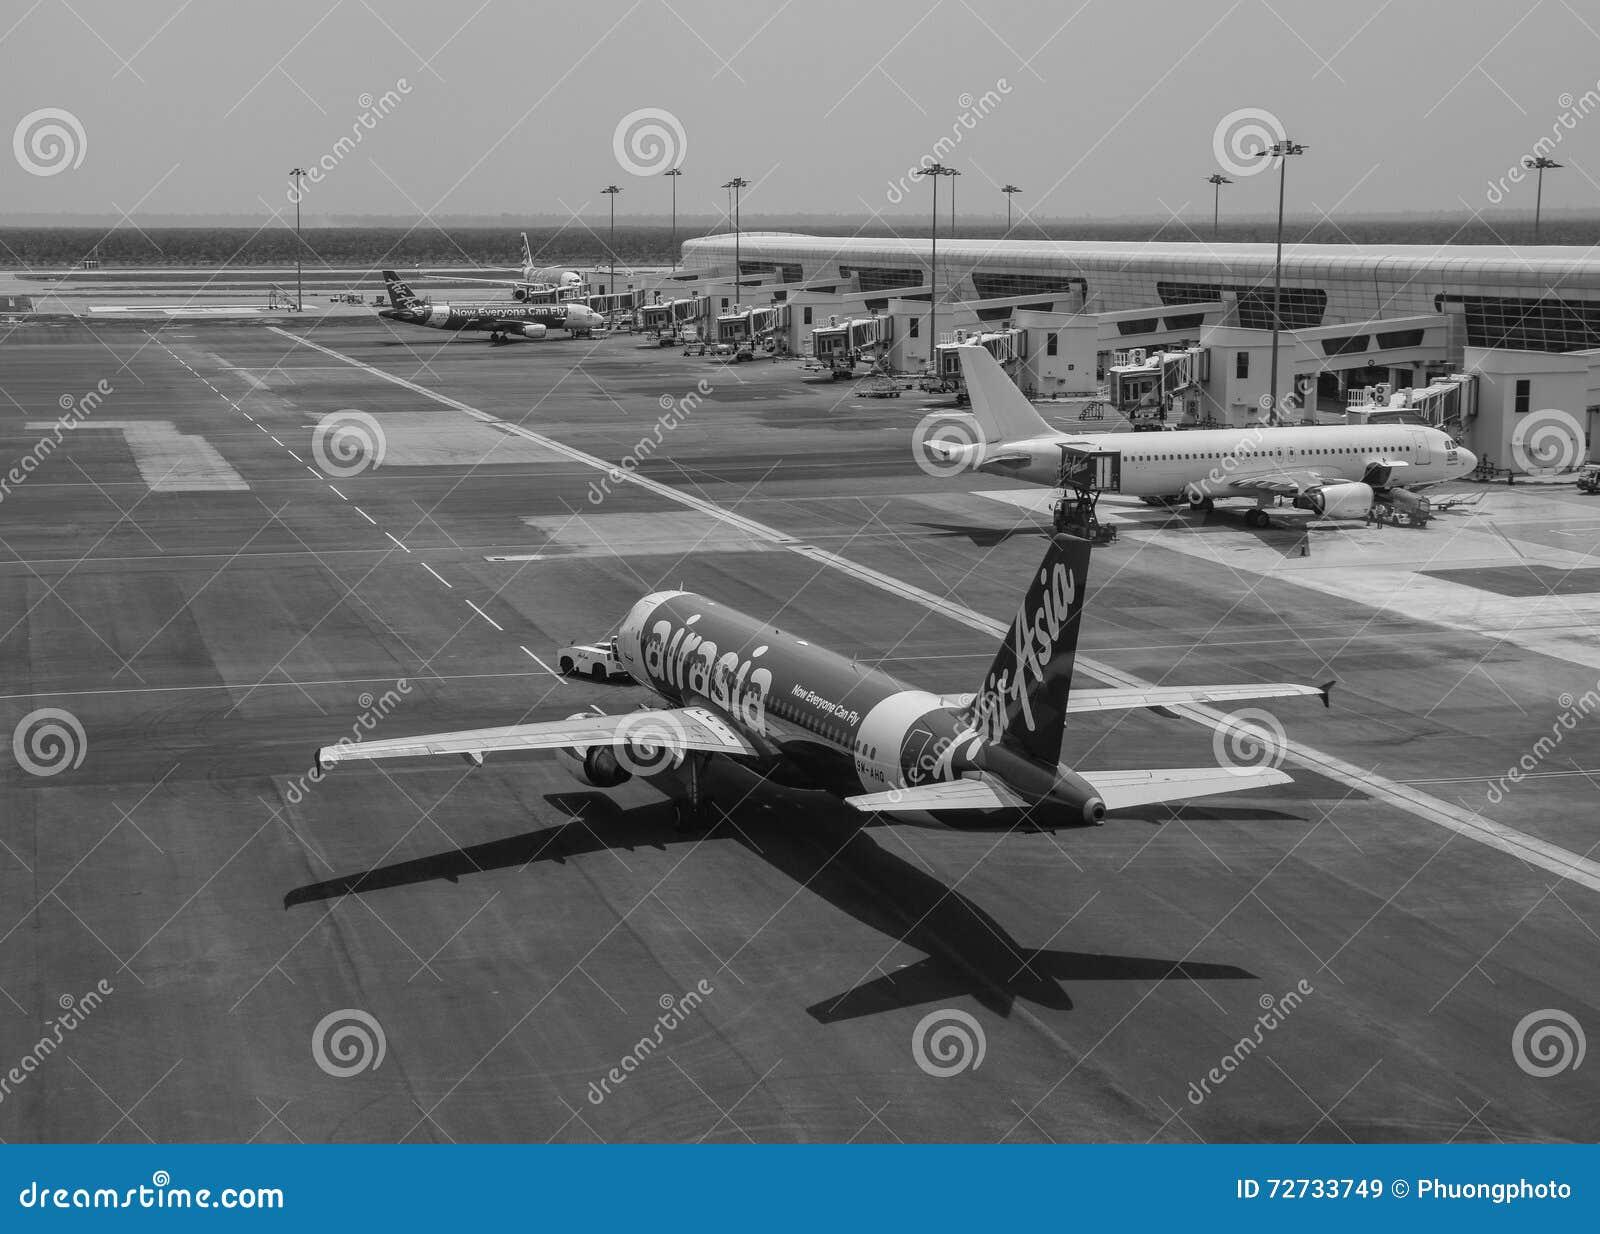 Aeroporto Bali : Airasia spiana all aeroporto in bali indonesia immagine stock